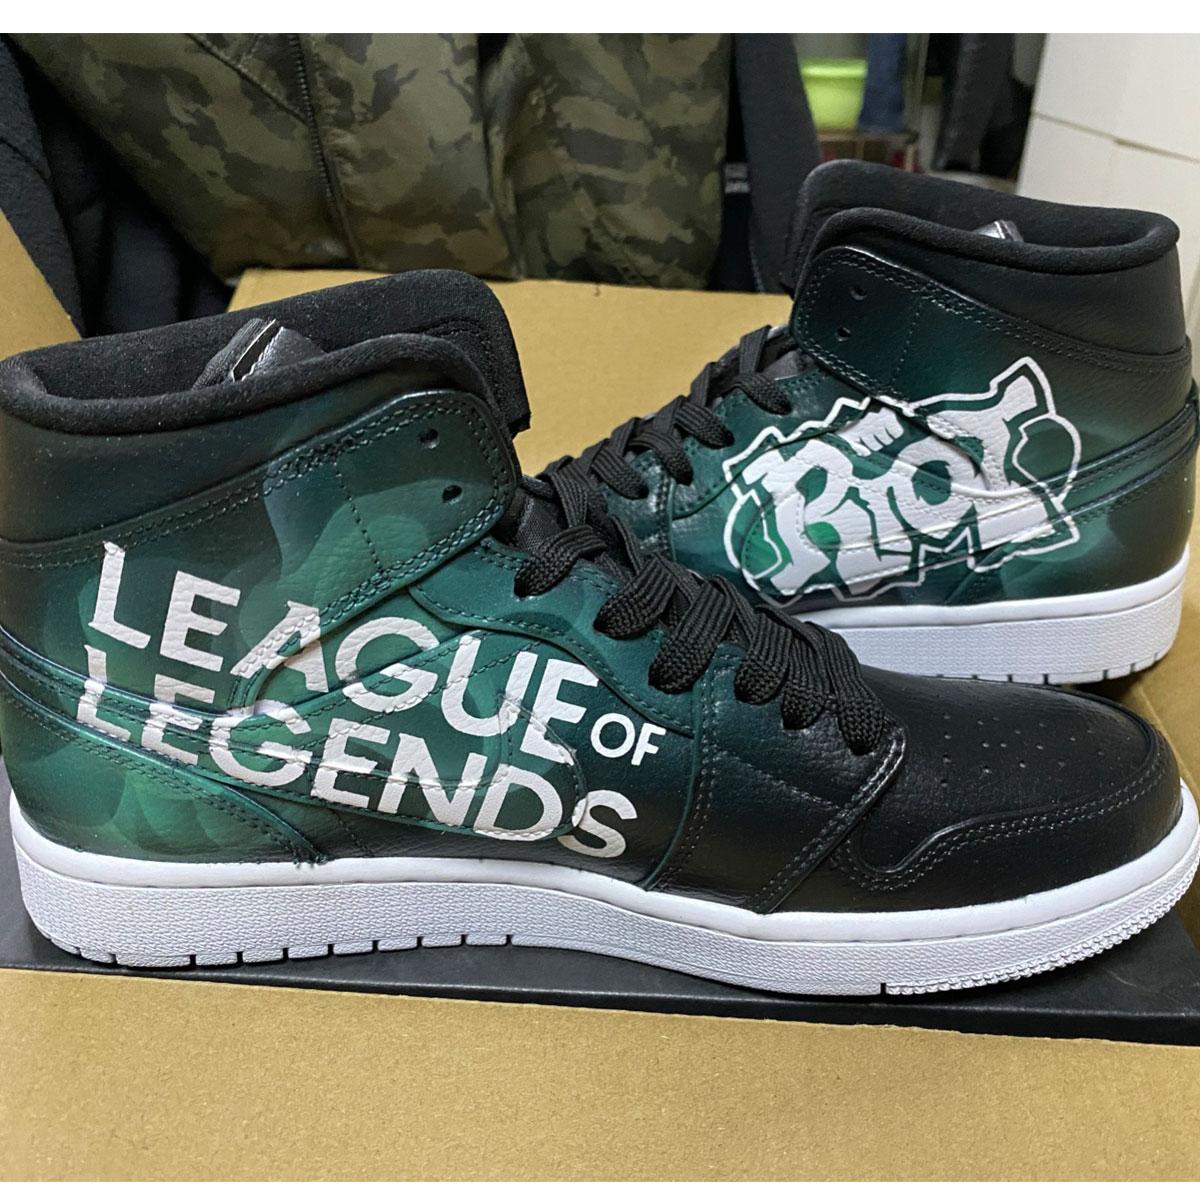 League of Legends Jordan AJ 1 Custom Air Jordan 1 Sneakers-2